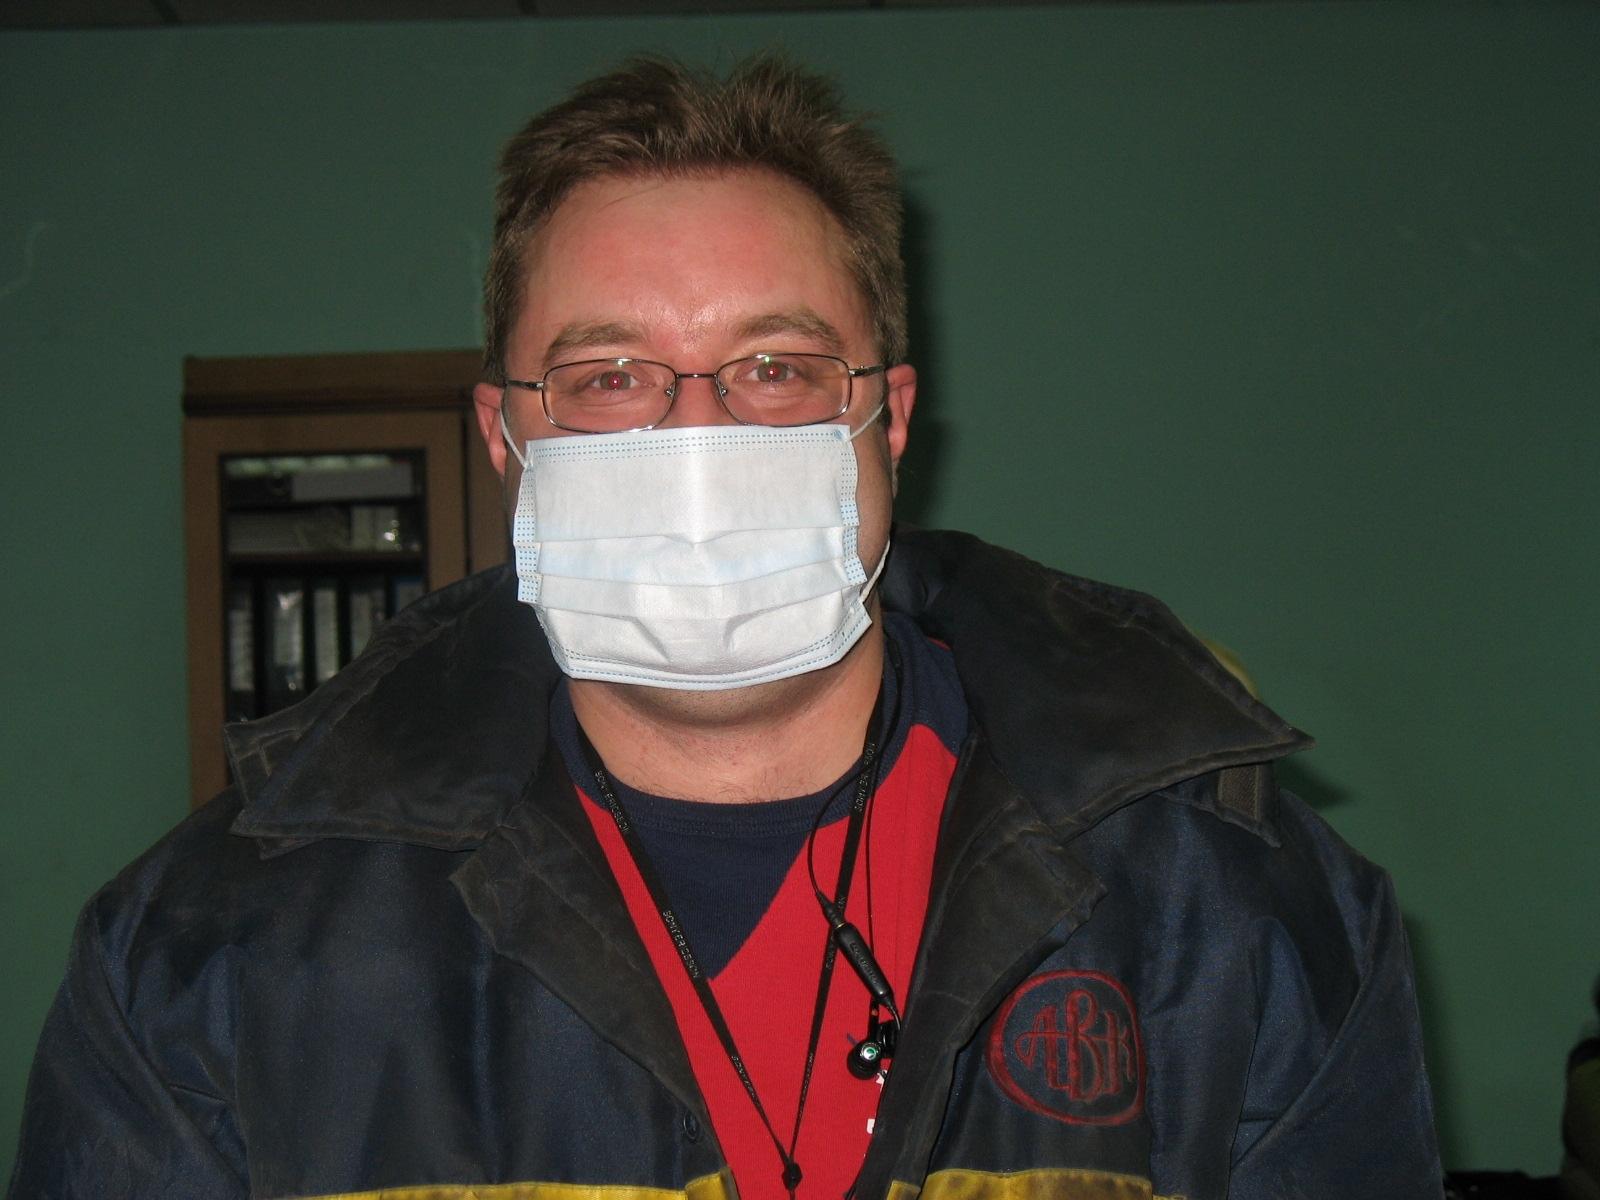 Десять лет назад, в это время на работе ходил в маске.. Думаете, из за вирусов разных, а нет, нам в склад привезли новые погрузчики, которые работали на газу. А вот об вентиляции подумали потом, и хоть как то можно было находится в складе, спасались кто чем мог. Я в маске, кто в респираторе, в общем так несколько месяцев проходили, пока вентиляцию не наладили... Вот а теперь через десять лет, вентиляции надо организовать всей планете 😁